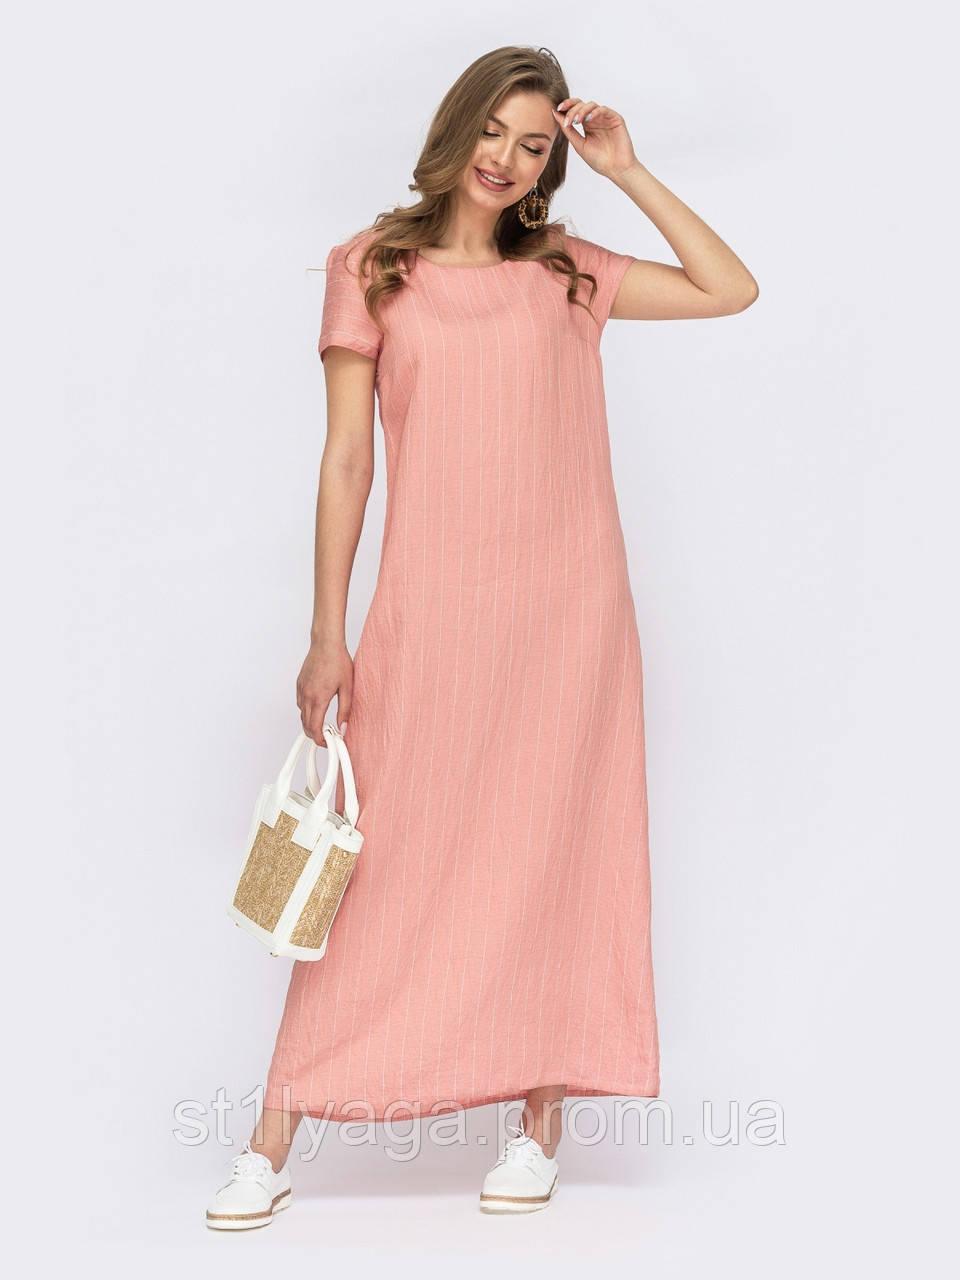 Длинное платье в полоску с коротким рукавом ЛЕТО